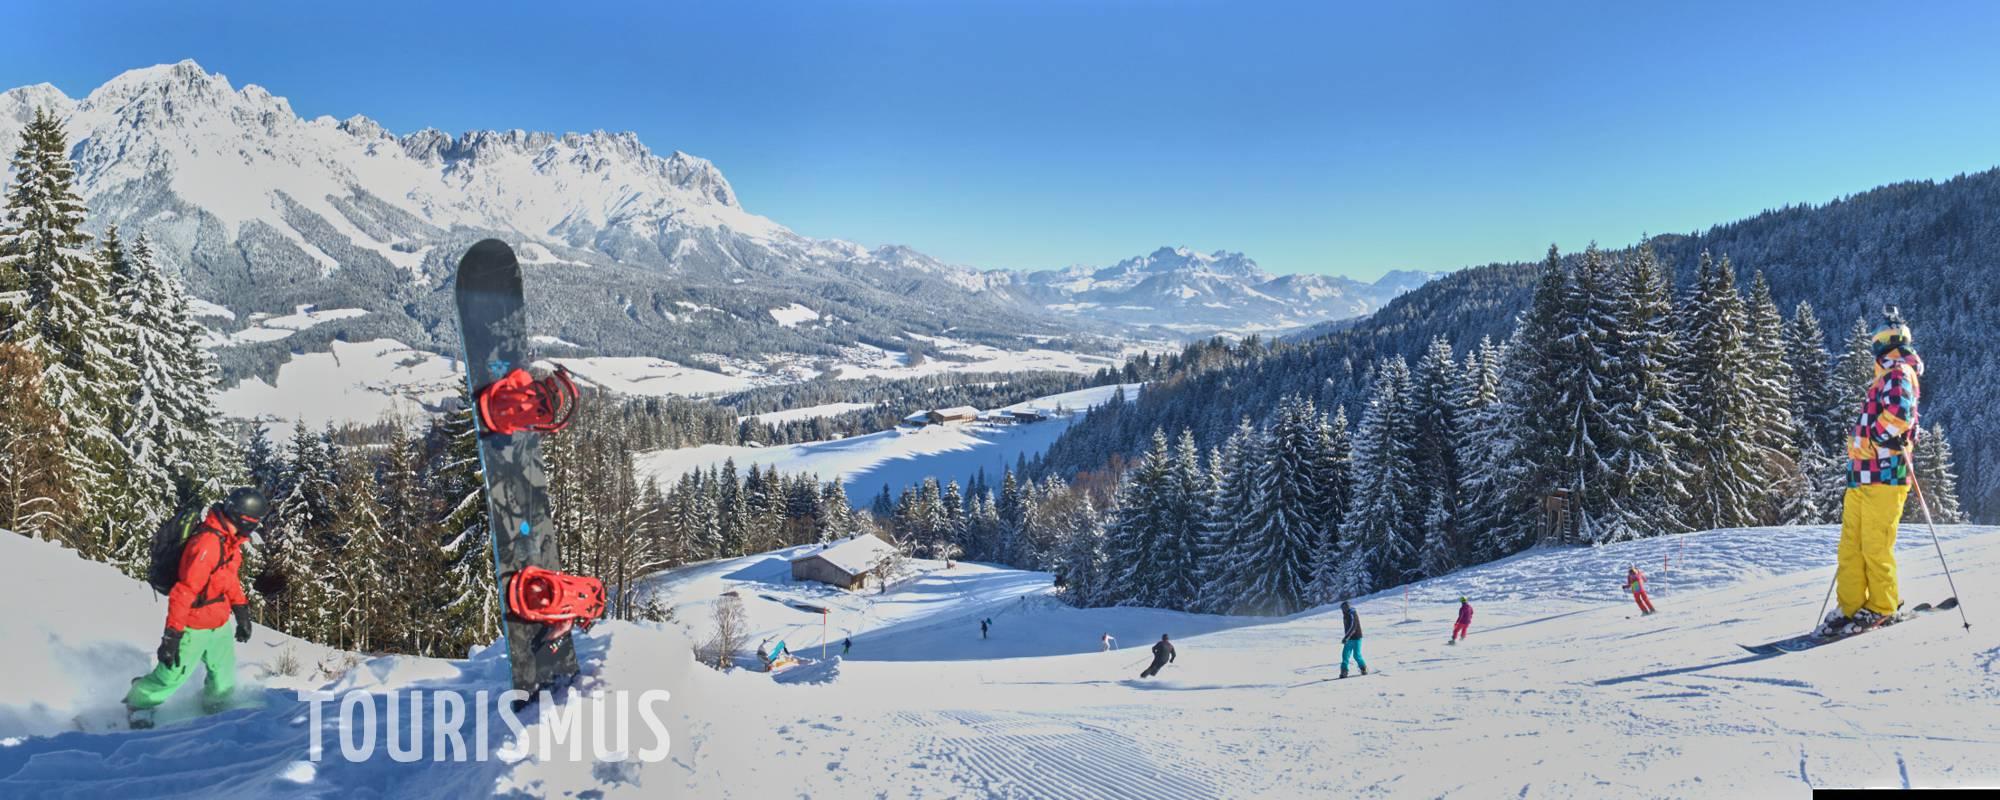 Tourismus Fotografie im Tirol